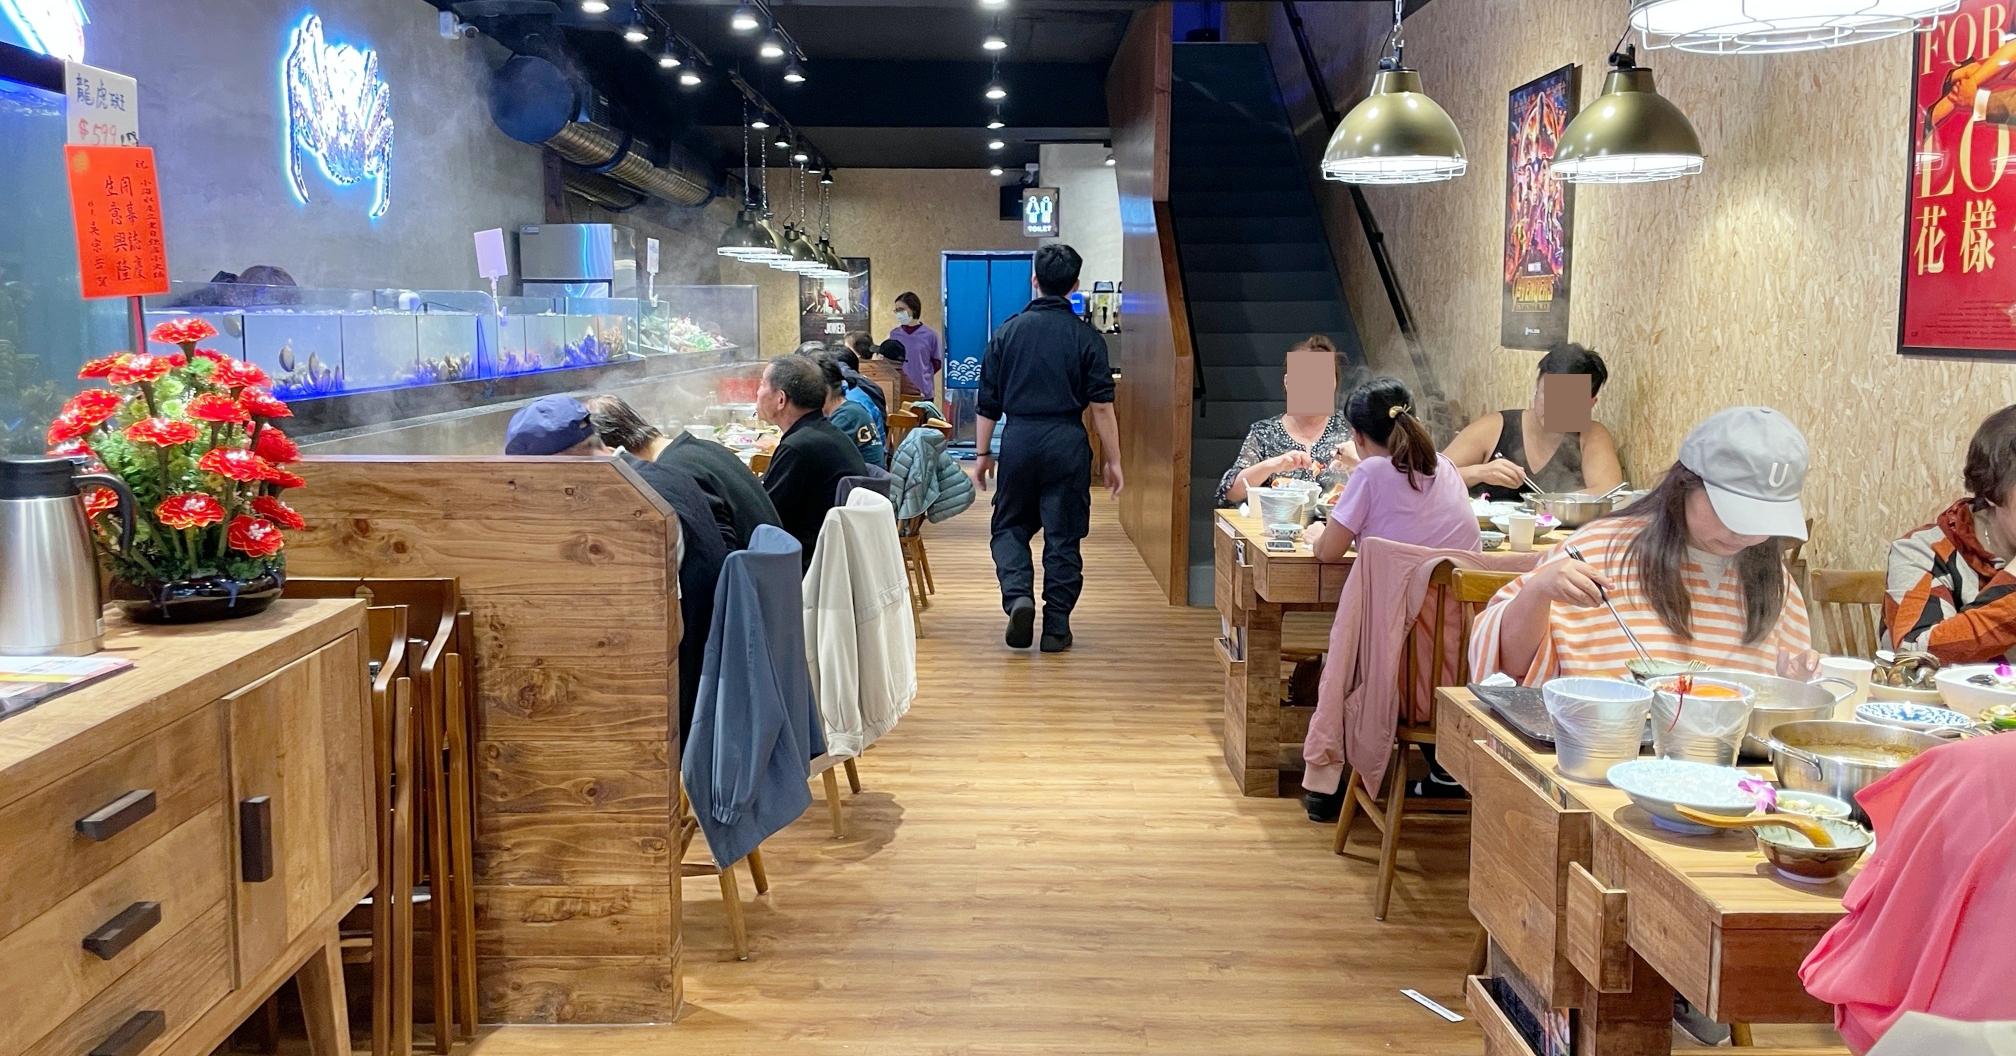 即時熱門文章:【三重國小美食】小海水產三重自強店,三重火鍋推薦